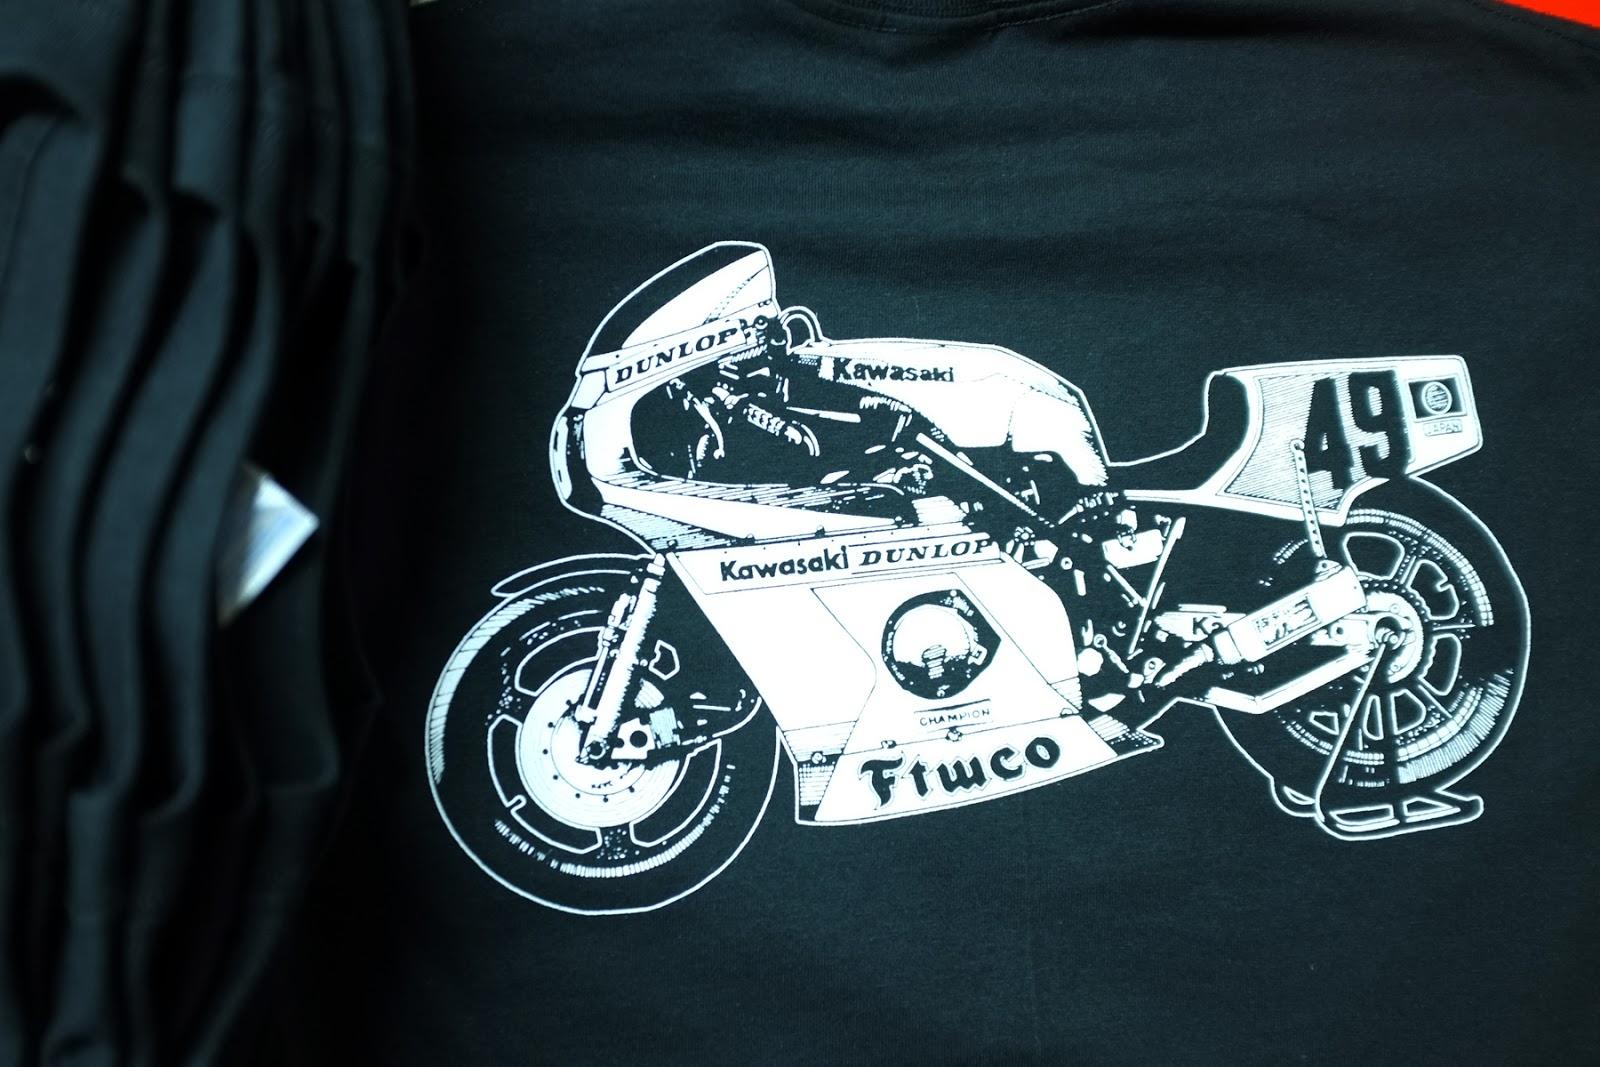 http://ftwco.bigcartel.com/